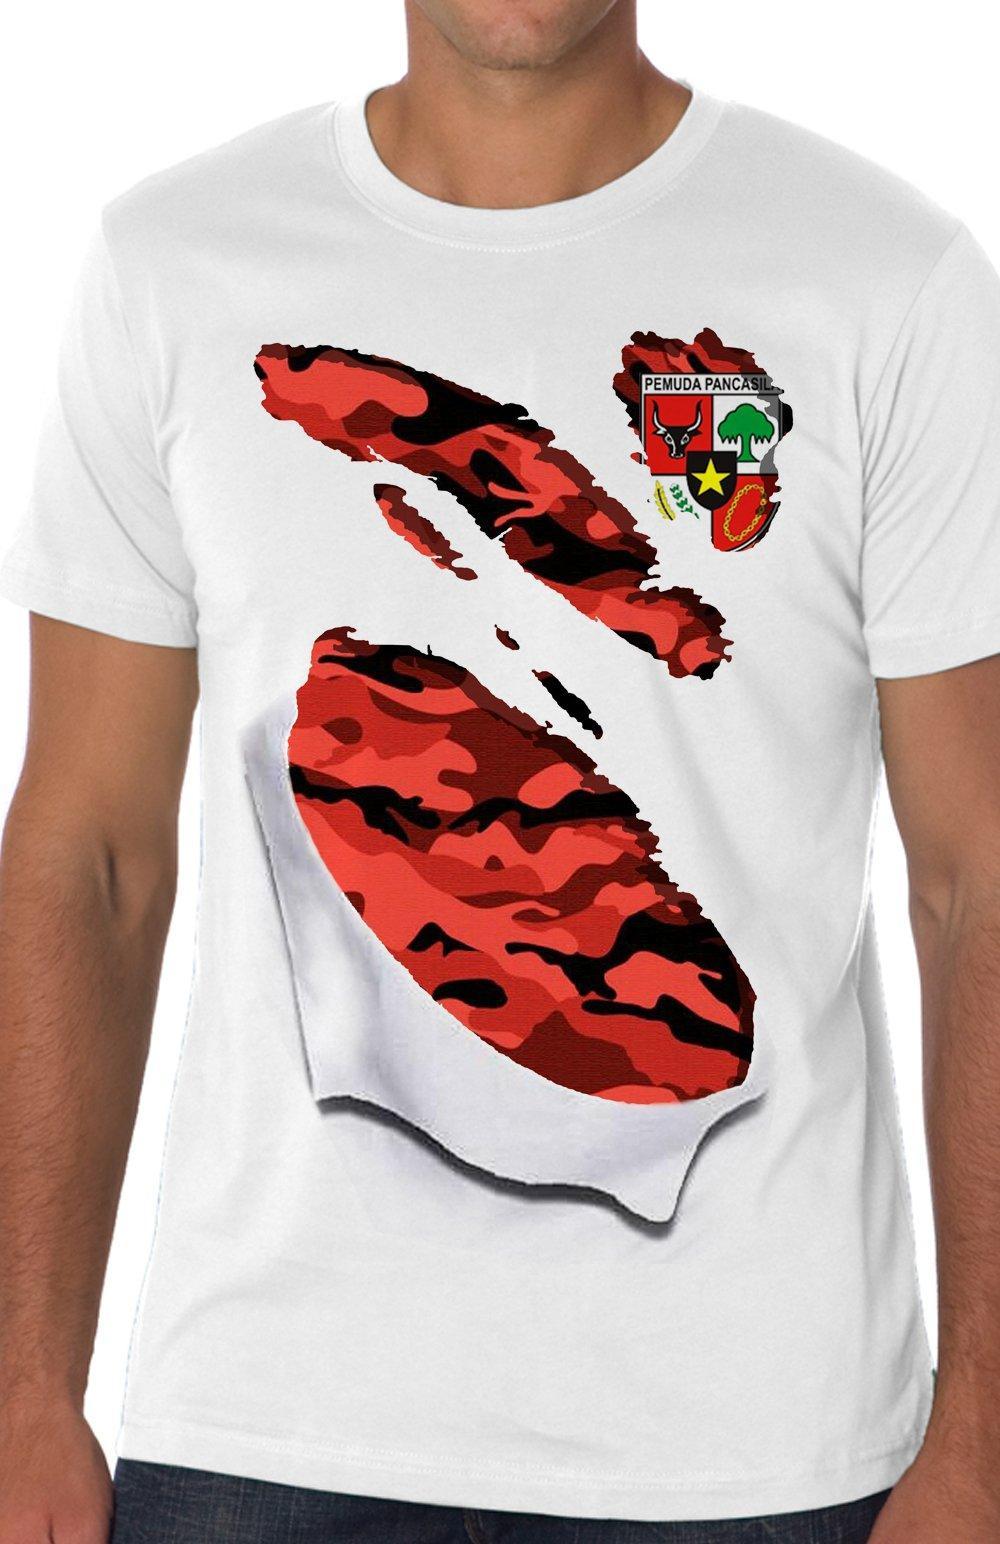 kaos 3d distro pp jersey sixpack pemuda pancasila sobek t-shirt baju